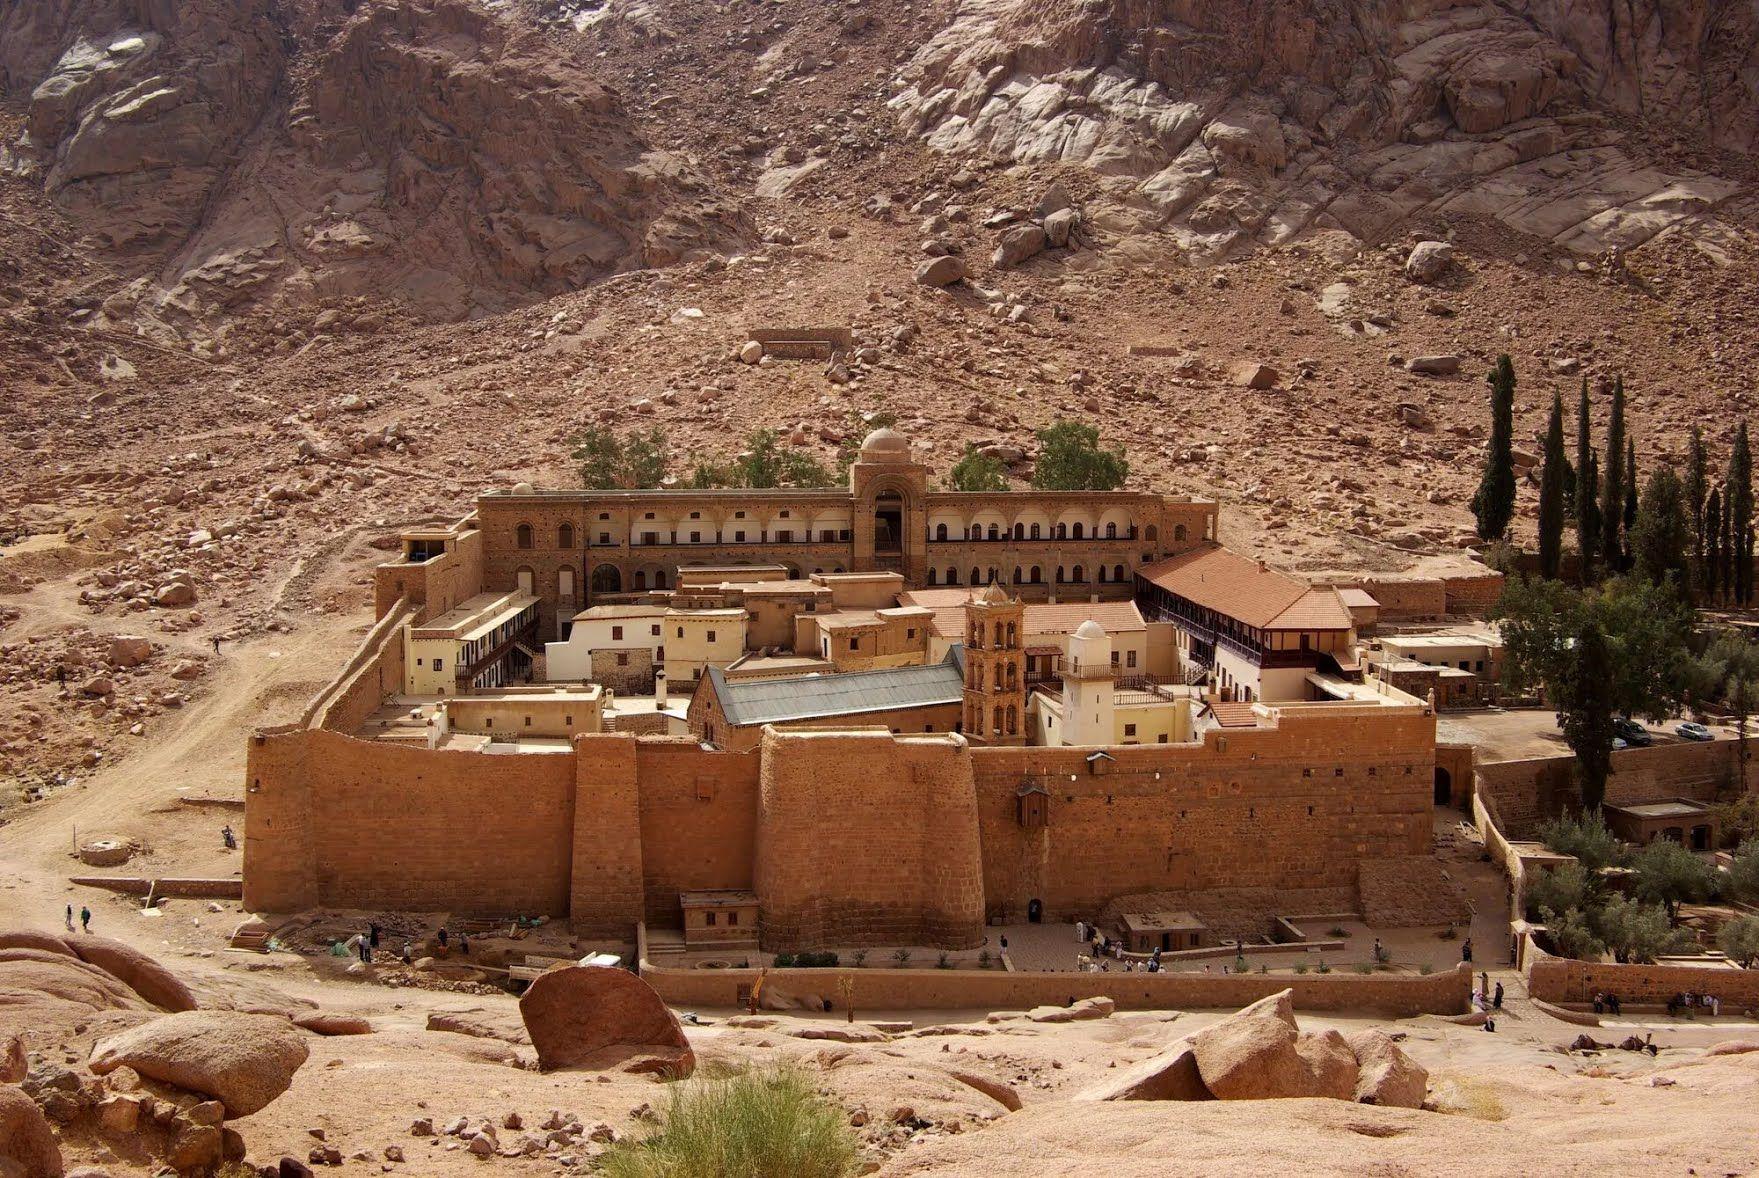 Монастир святої Катерини і гора Мойсея розташовуються в туристичному містечку Шарм-ель-Шейх